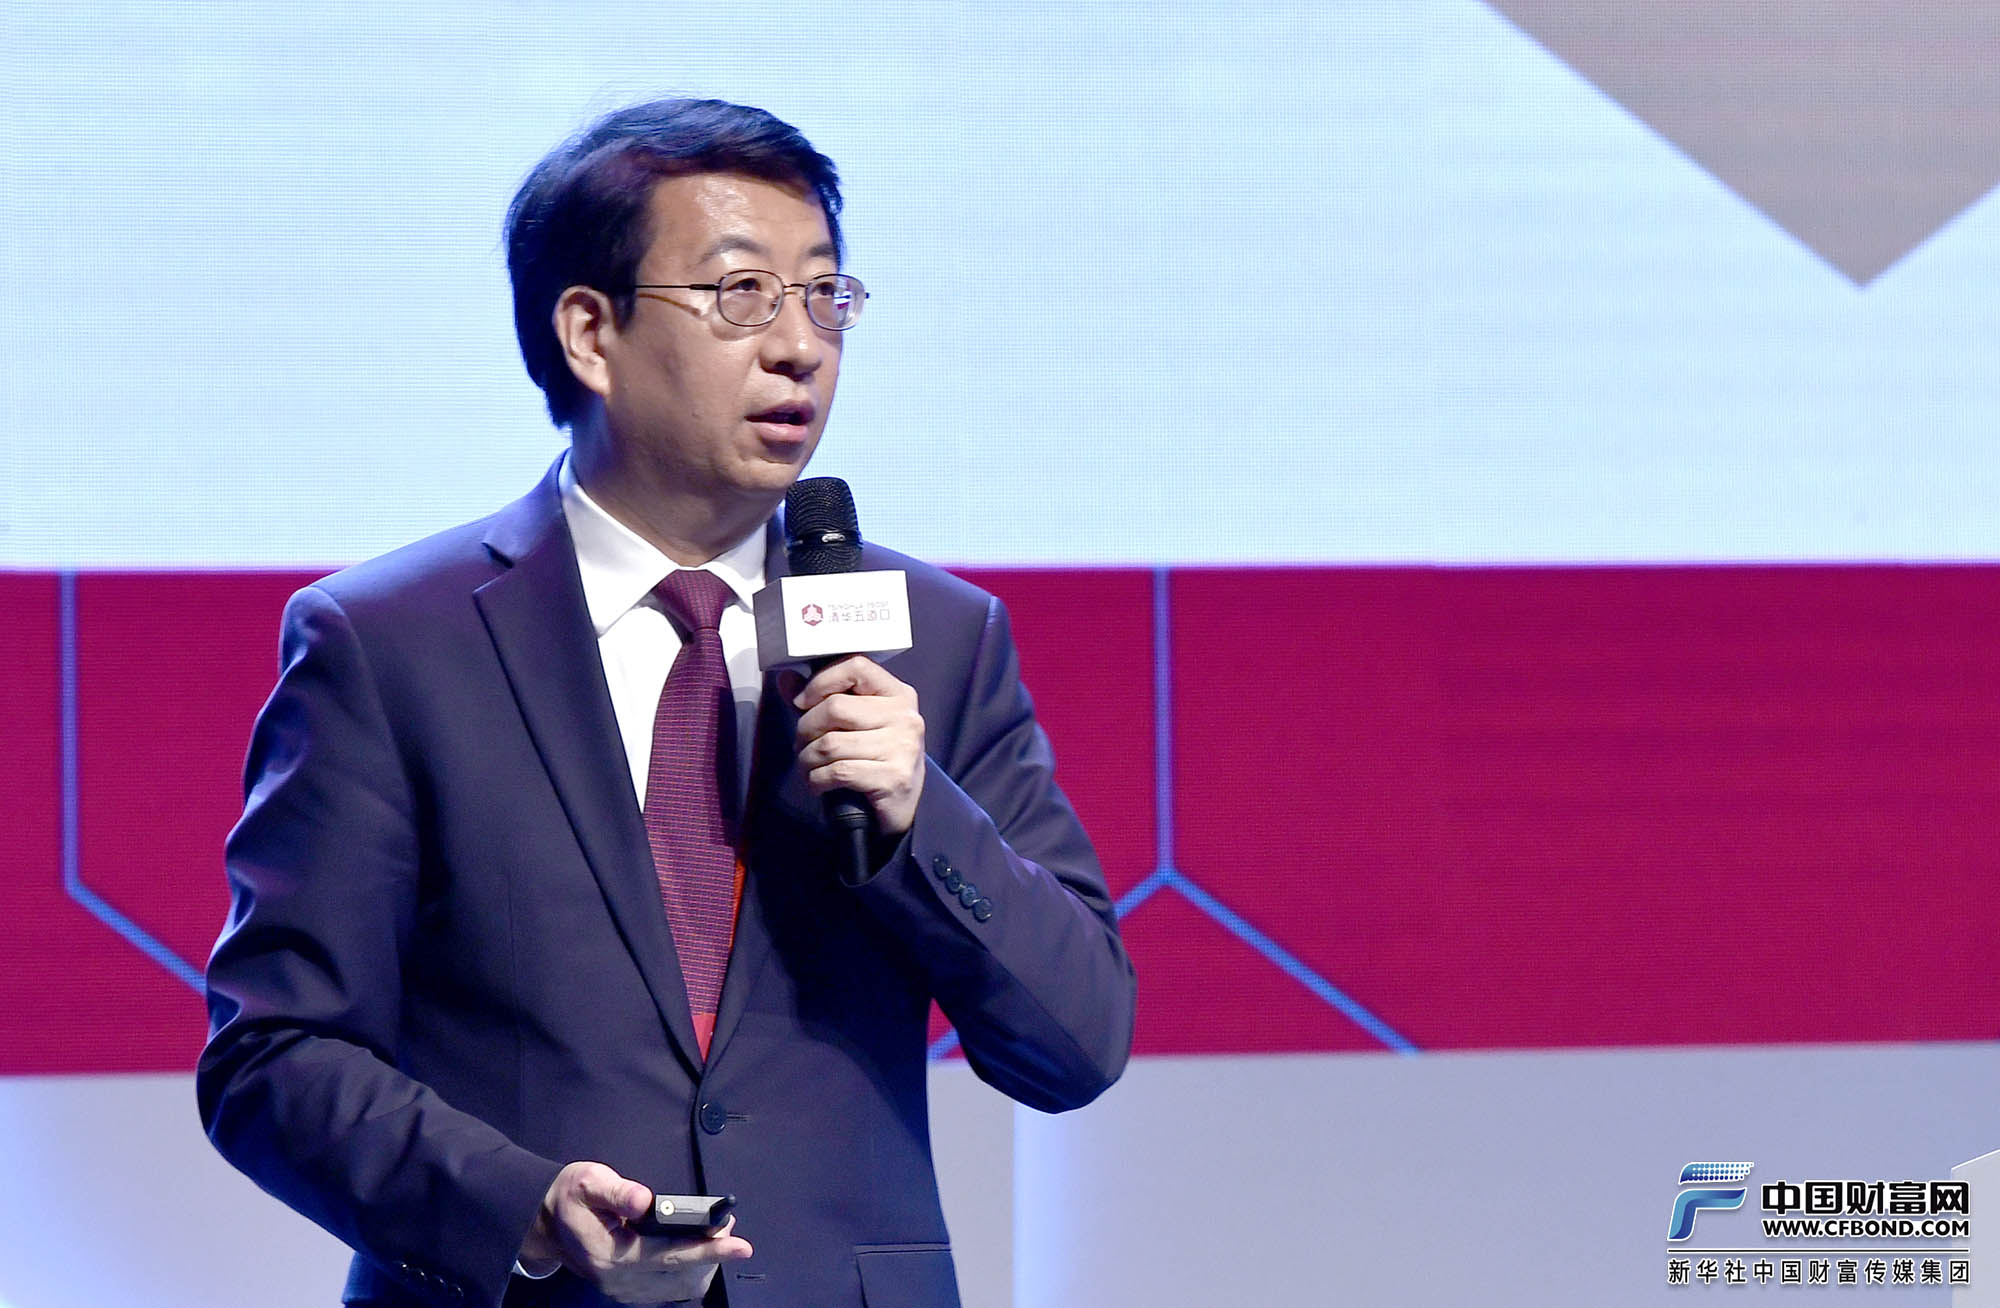 演讲嘉宾:中国国际金融股份有限公司首席运营官、资本市场业务委员会主席楚钢